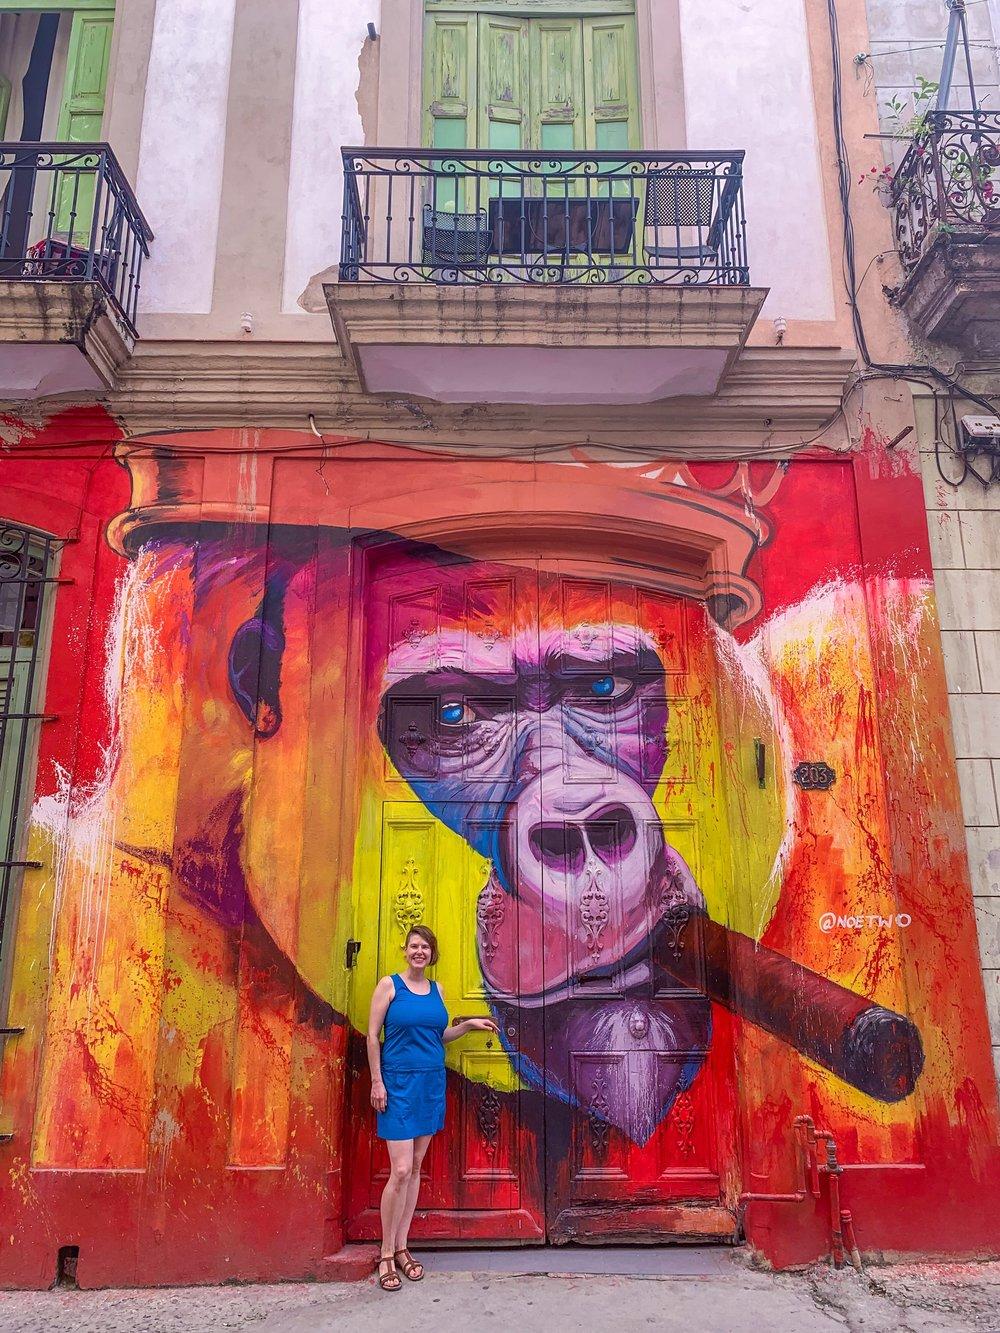 One of Havana's newest murals